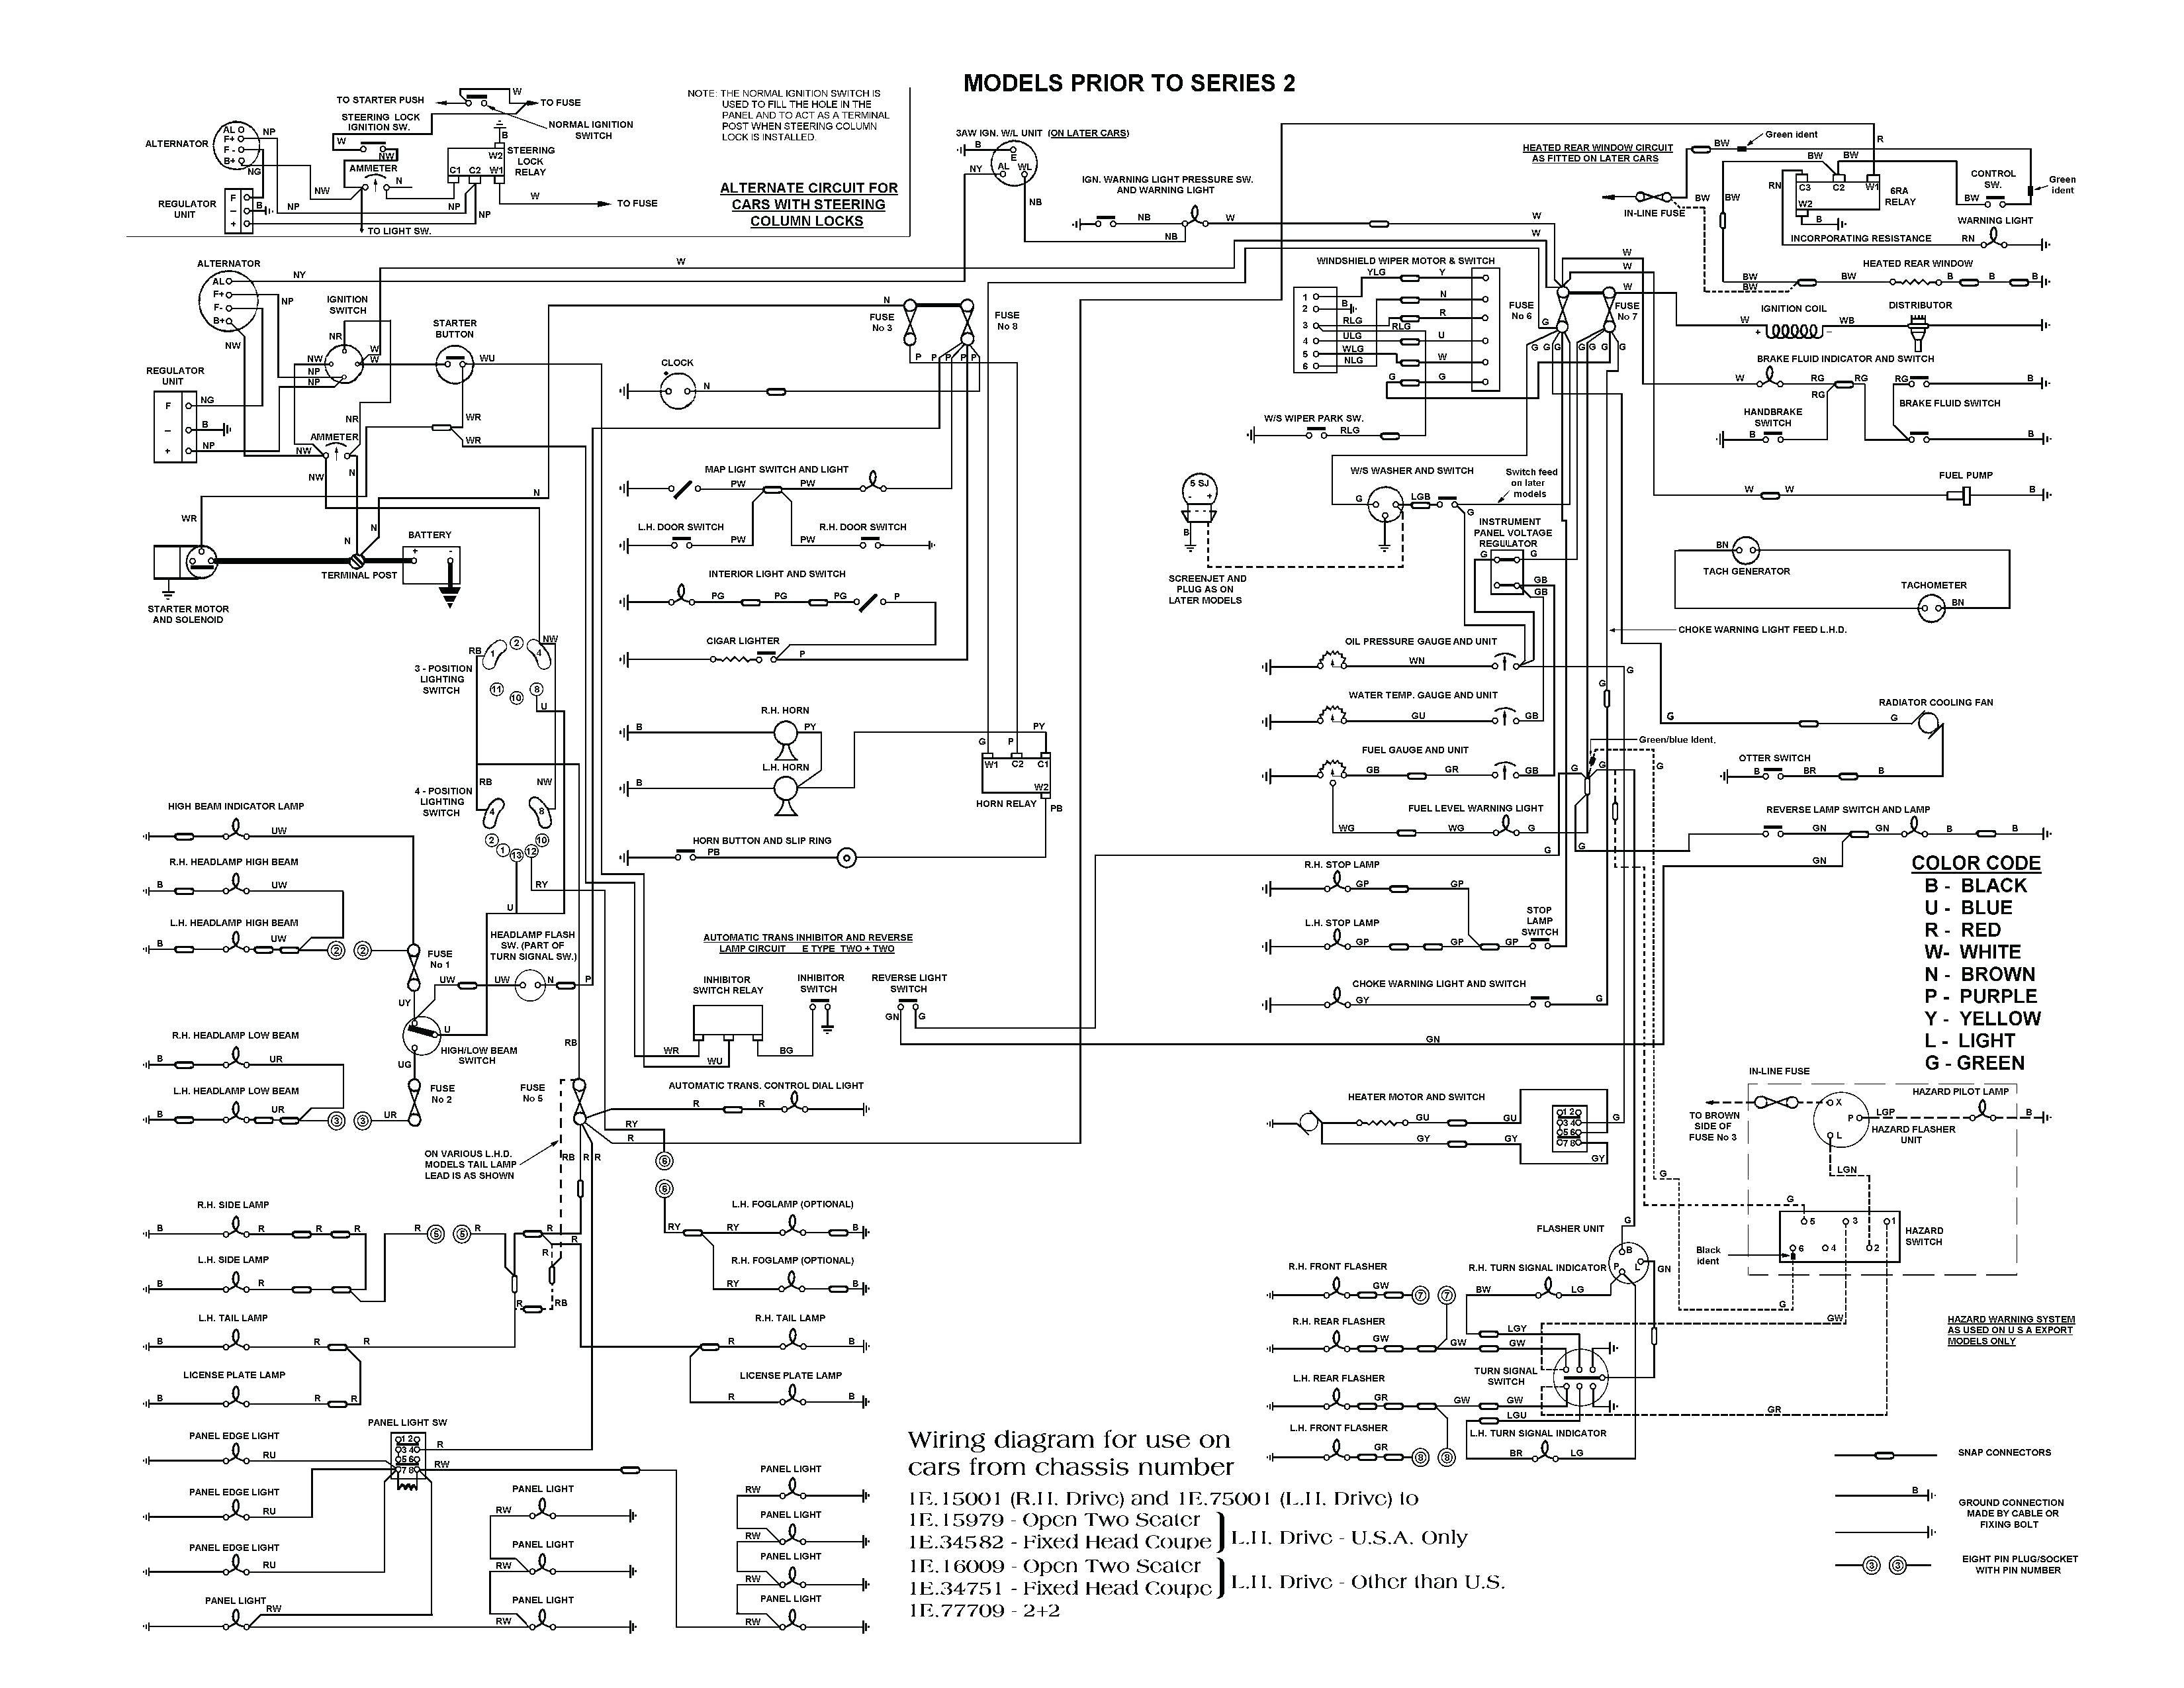 Strange Jaguar X300 Wiring Diagram Wiring Diagram Data Wiring Cloud Animomajobocepmohammedshrineorg